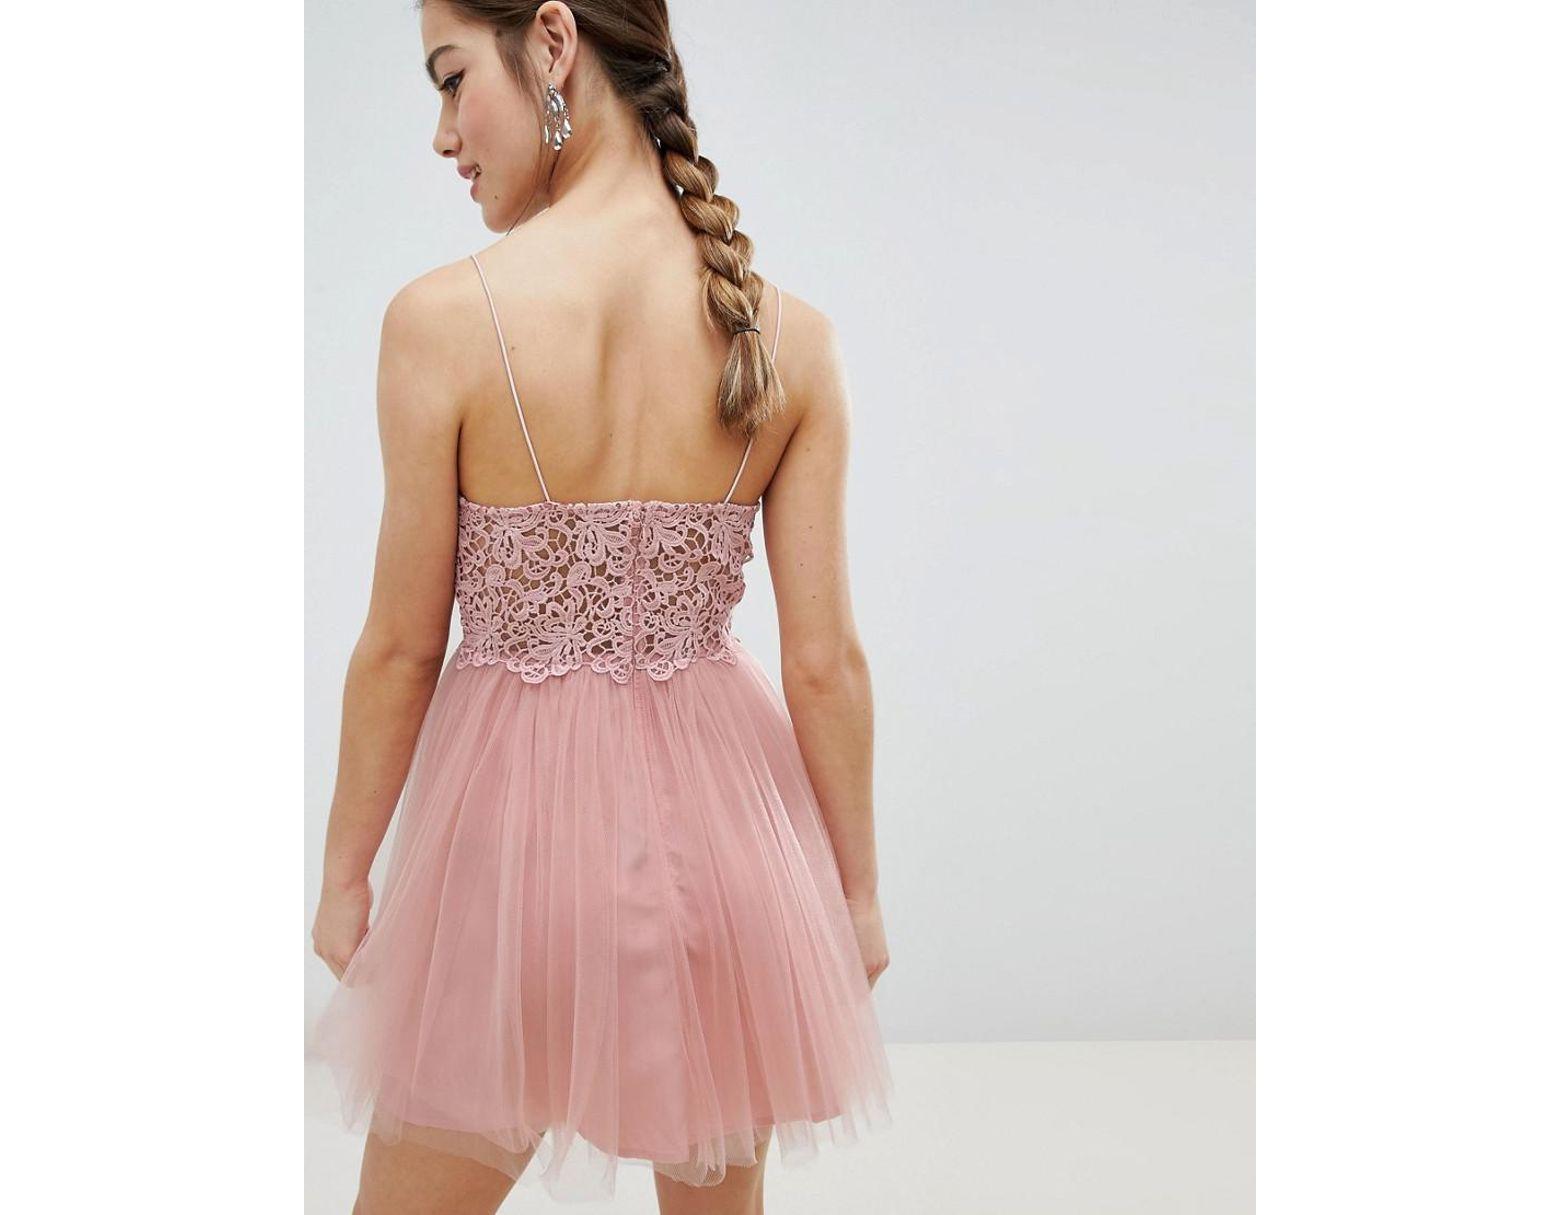 1b1fca5cc4c9 ASOS Asos Design Petite Premium Lace Cami Top Tulle Mini Dress in Pink -  Lyst